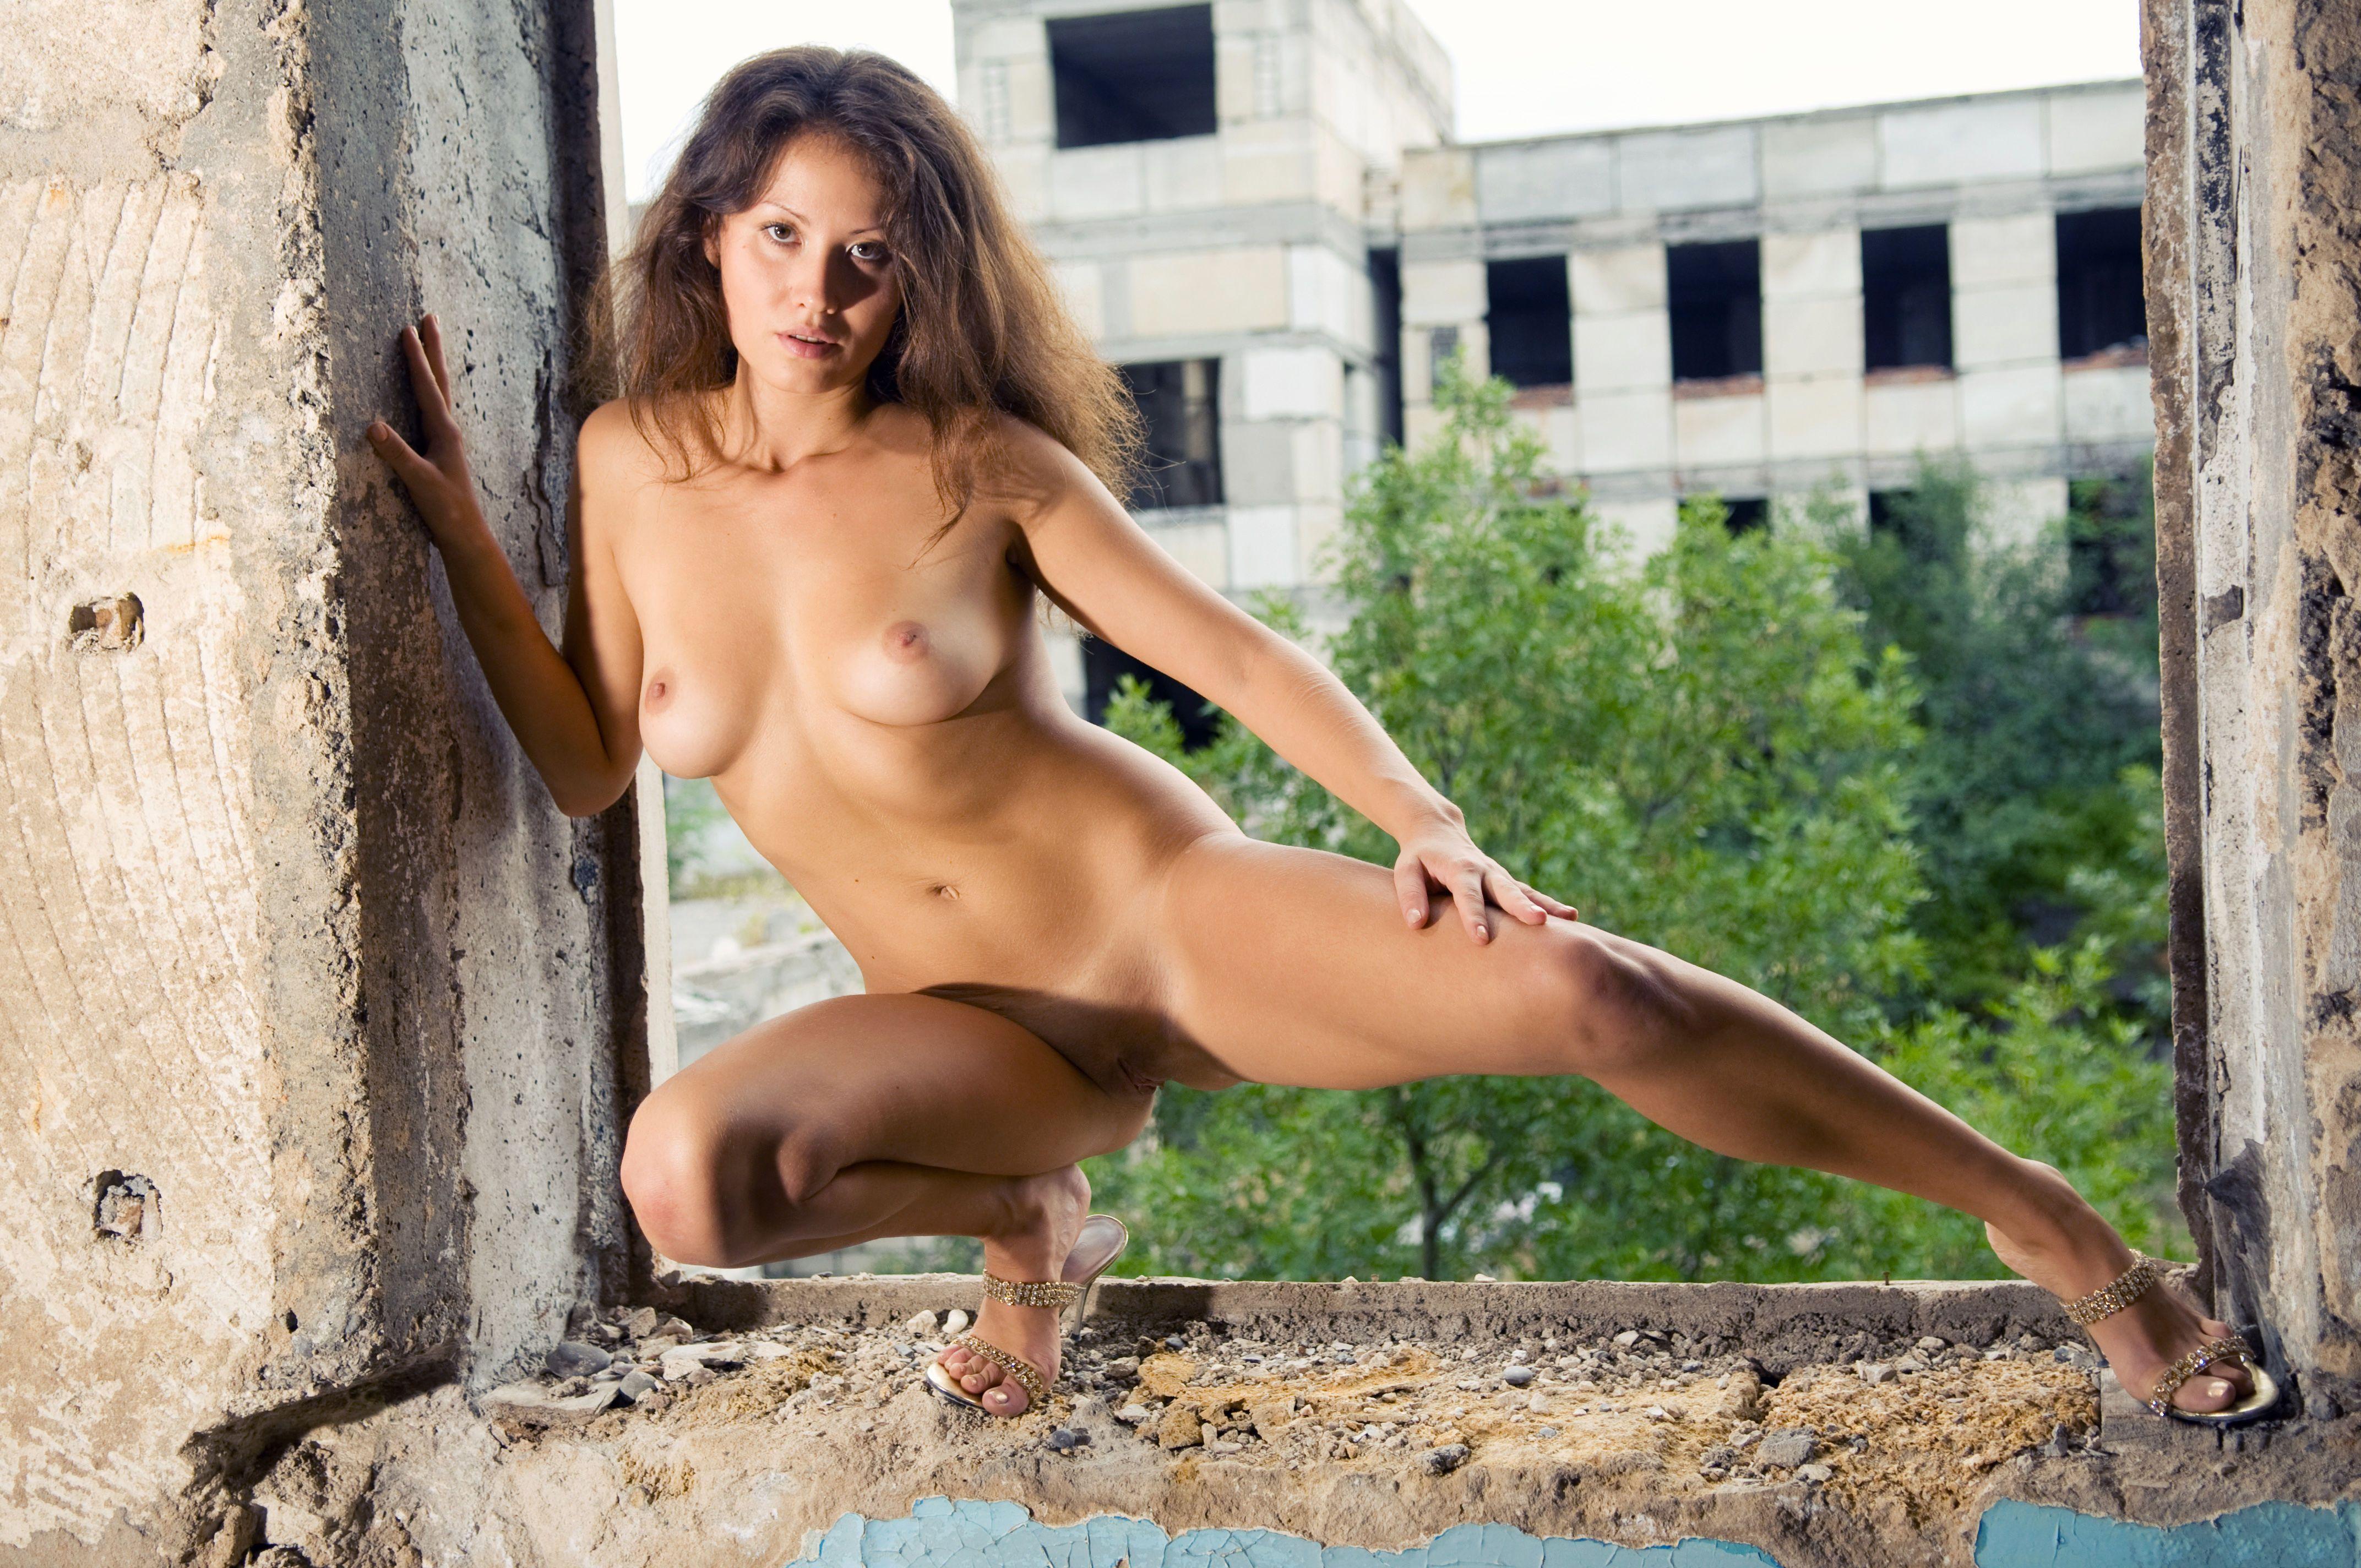 Рассказы о сексе в заброшенных домах, Секс история - «заброшенный дом» 20 фотография